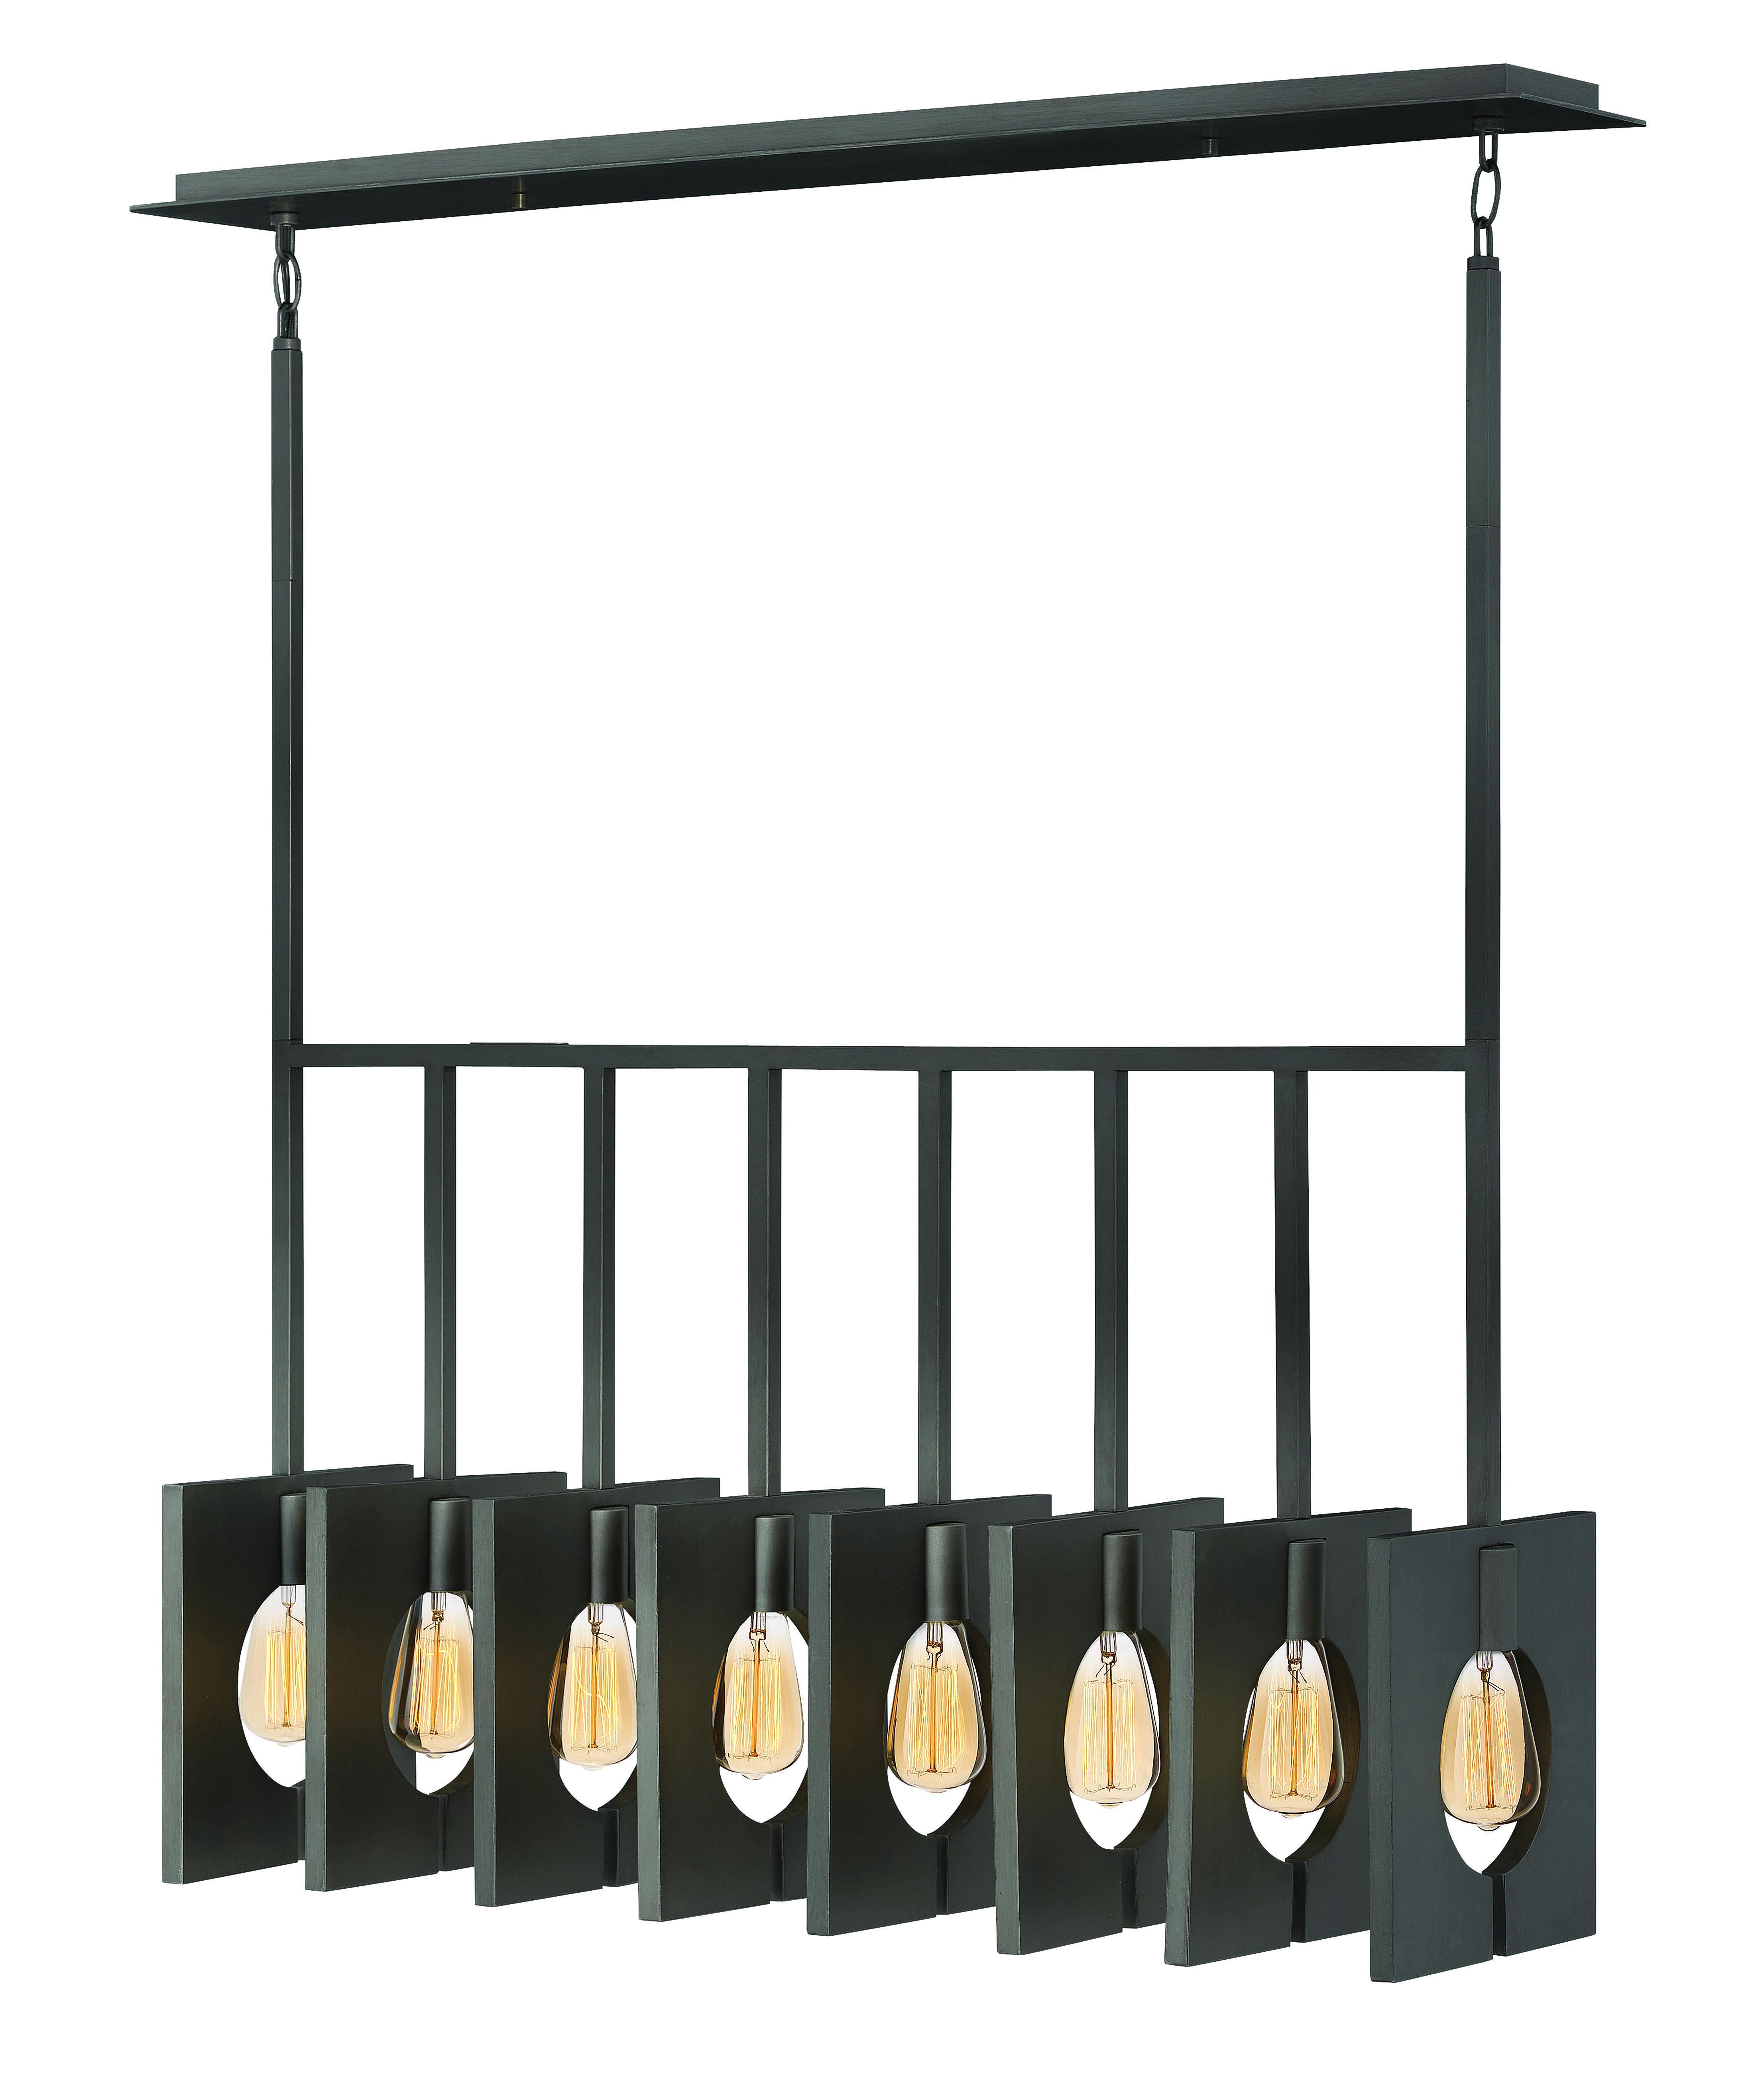 Hinkley Ludlow linear chandelier Lisa McDennon